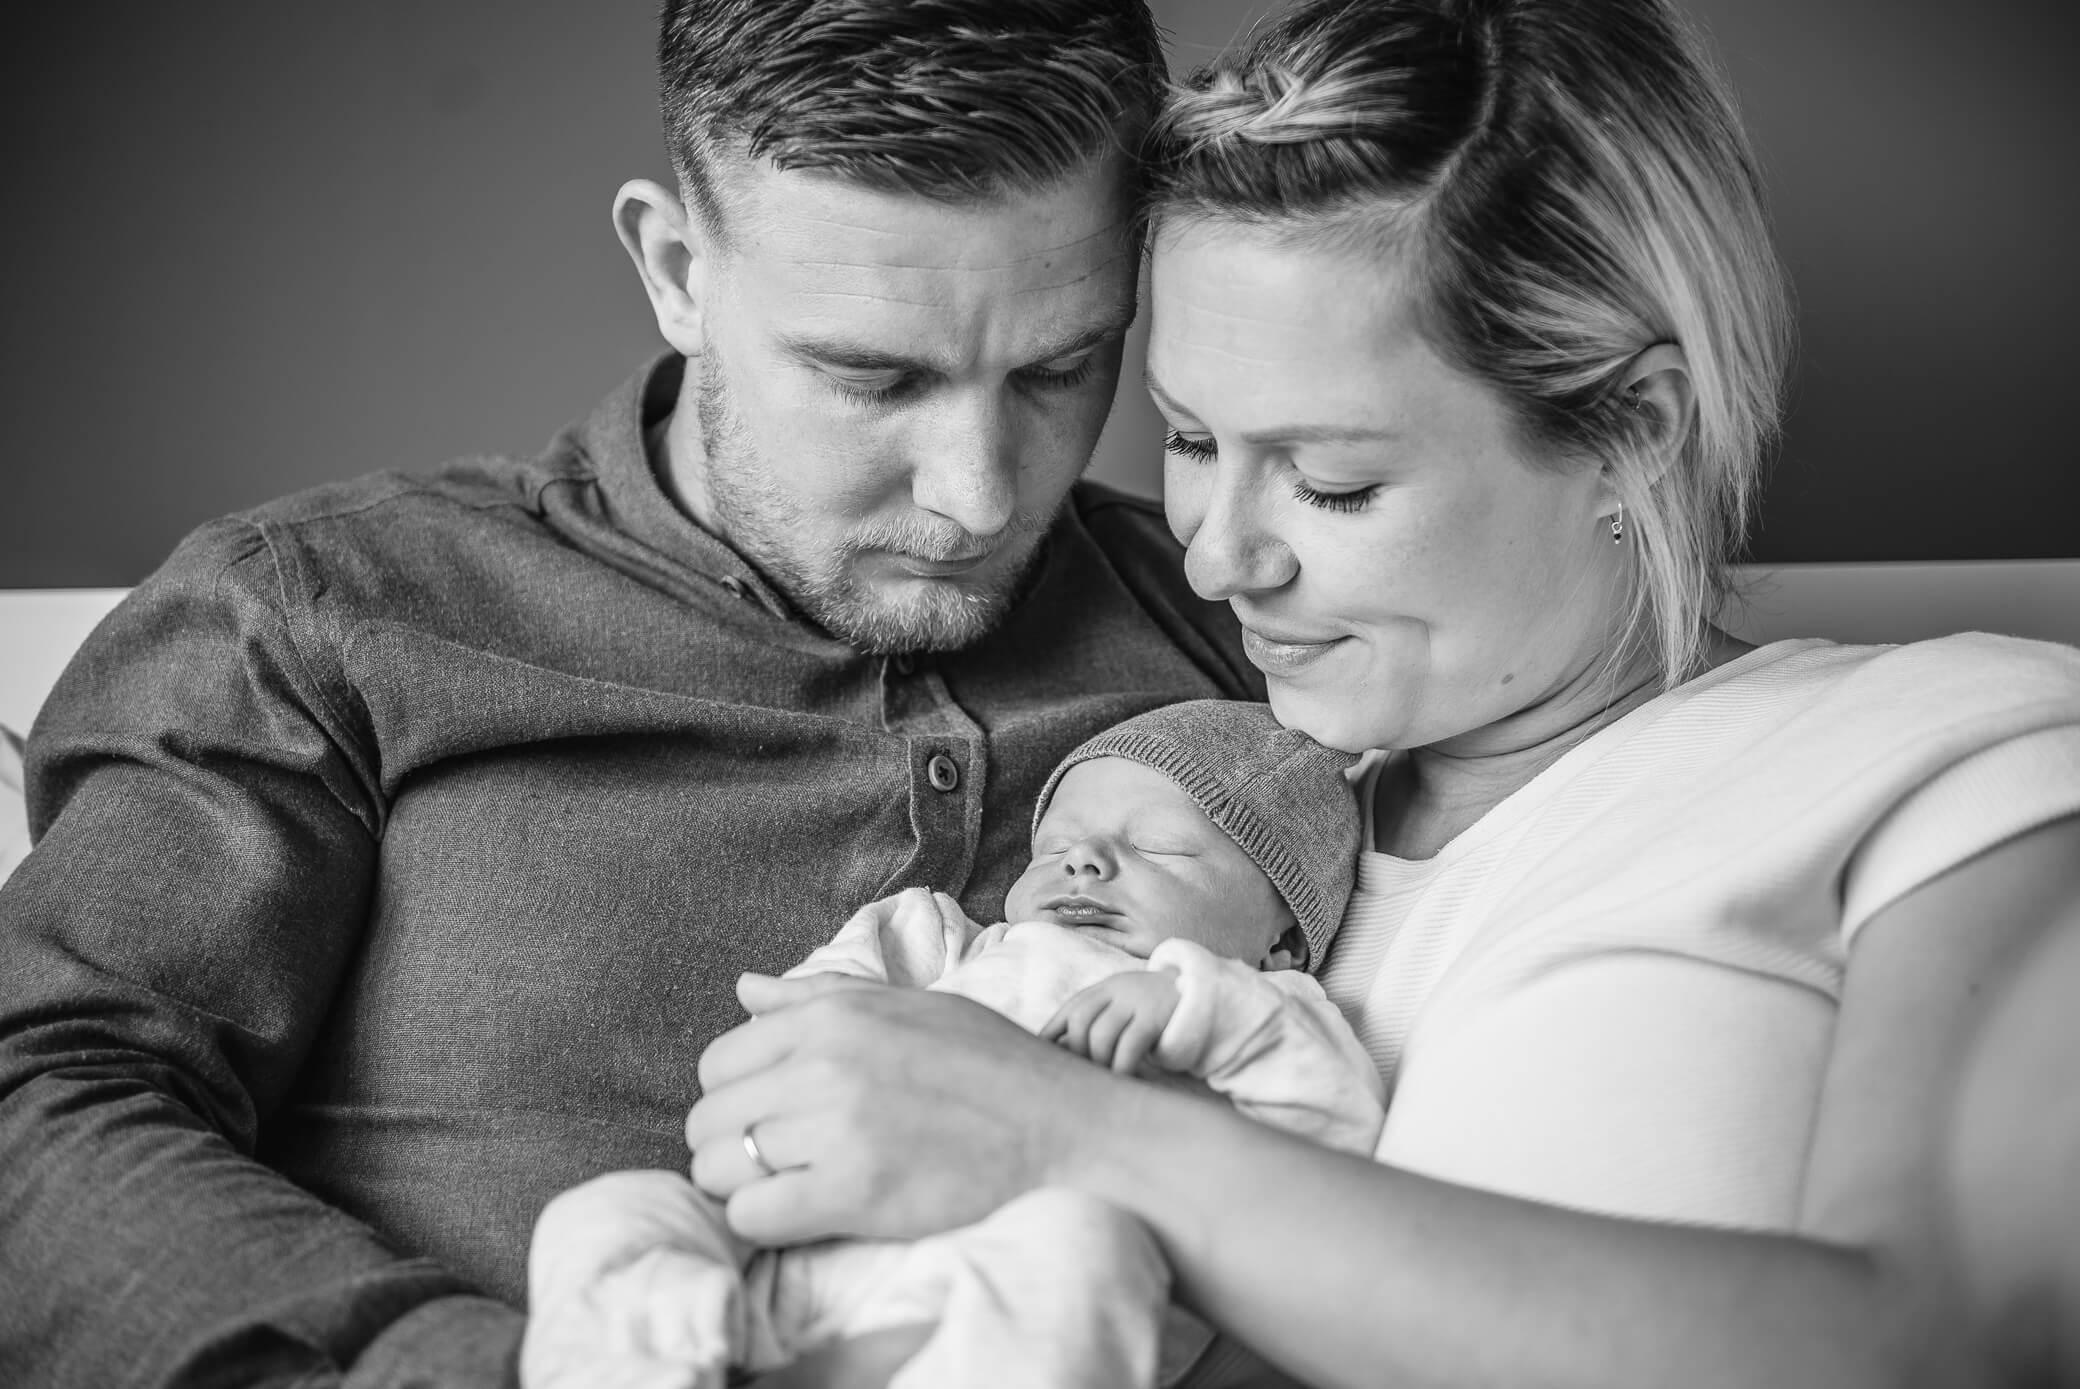 Familieportret tijdens newbornshoot in zwart wit